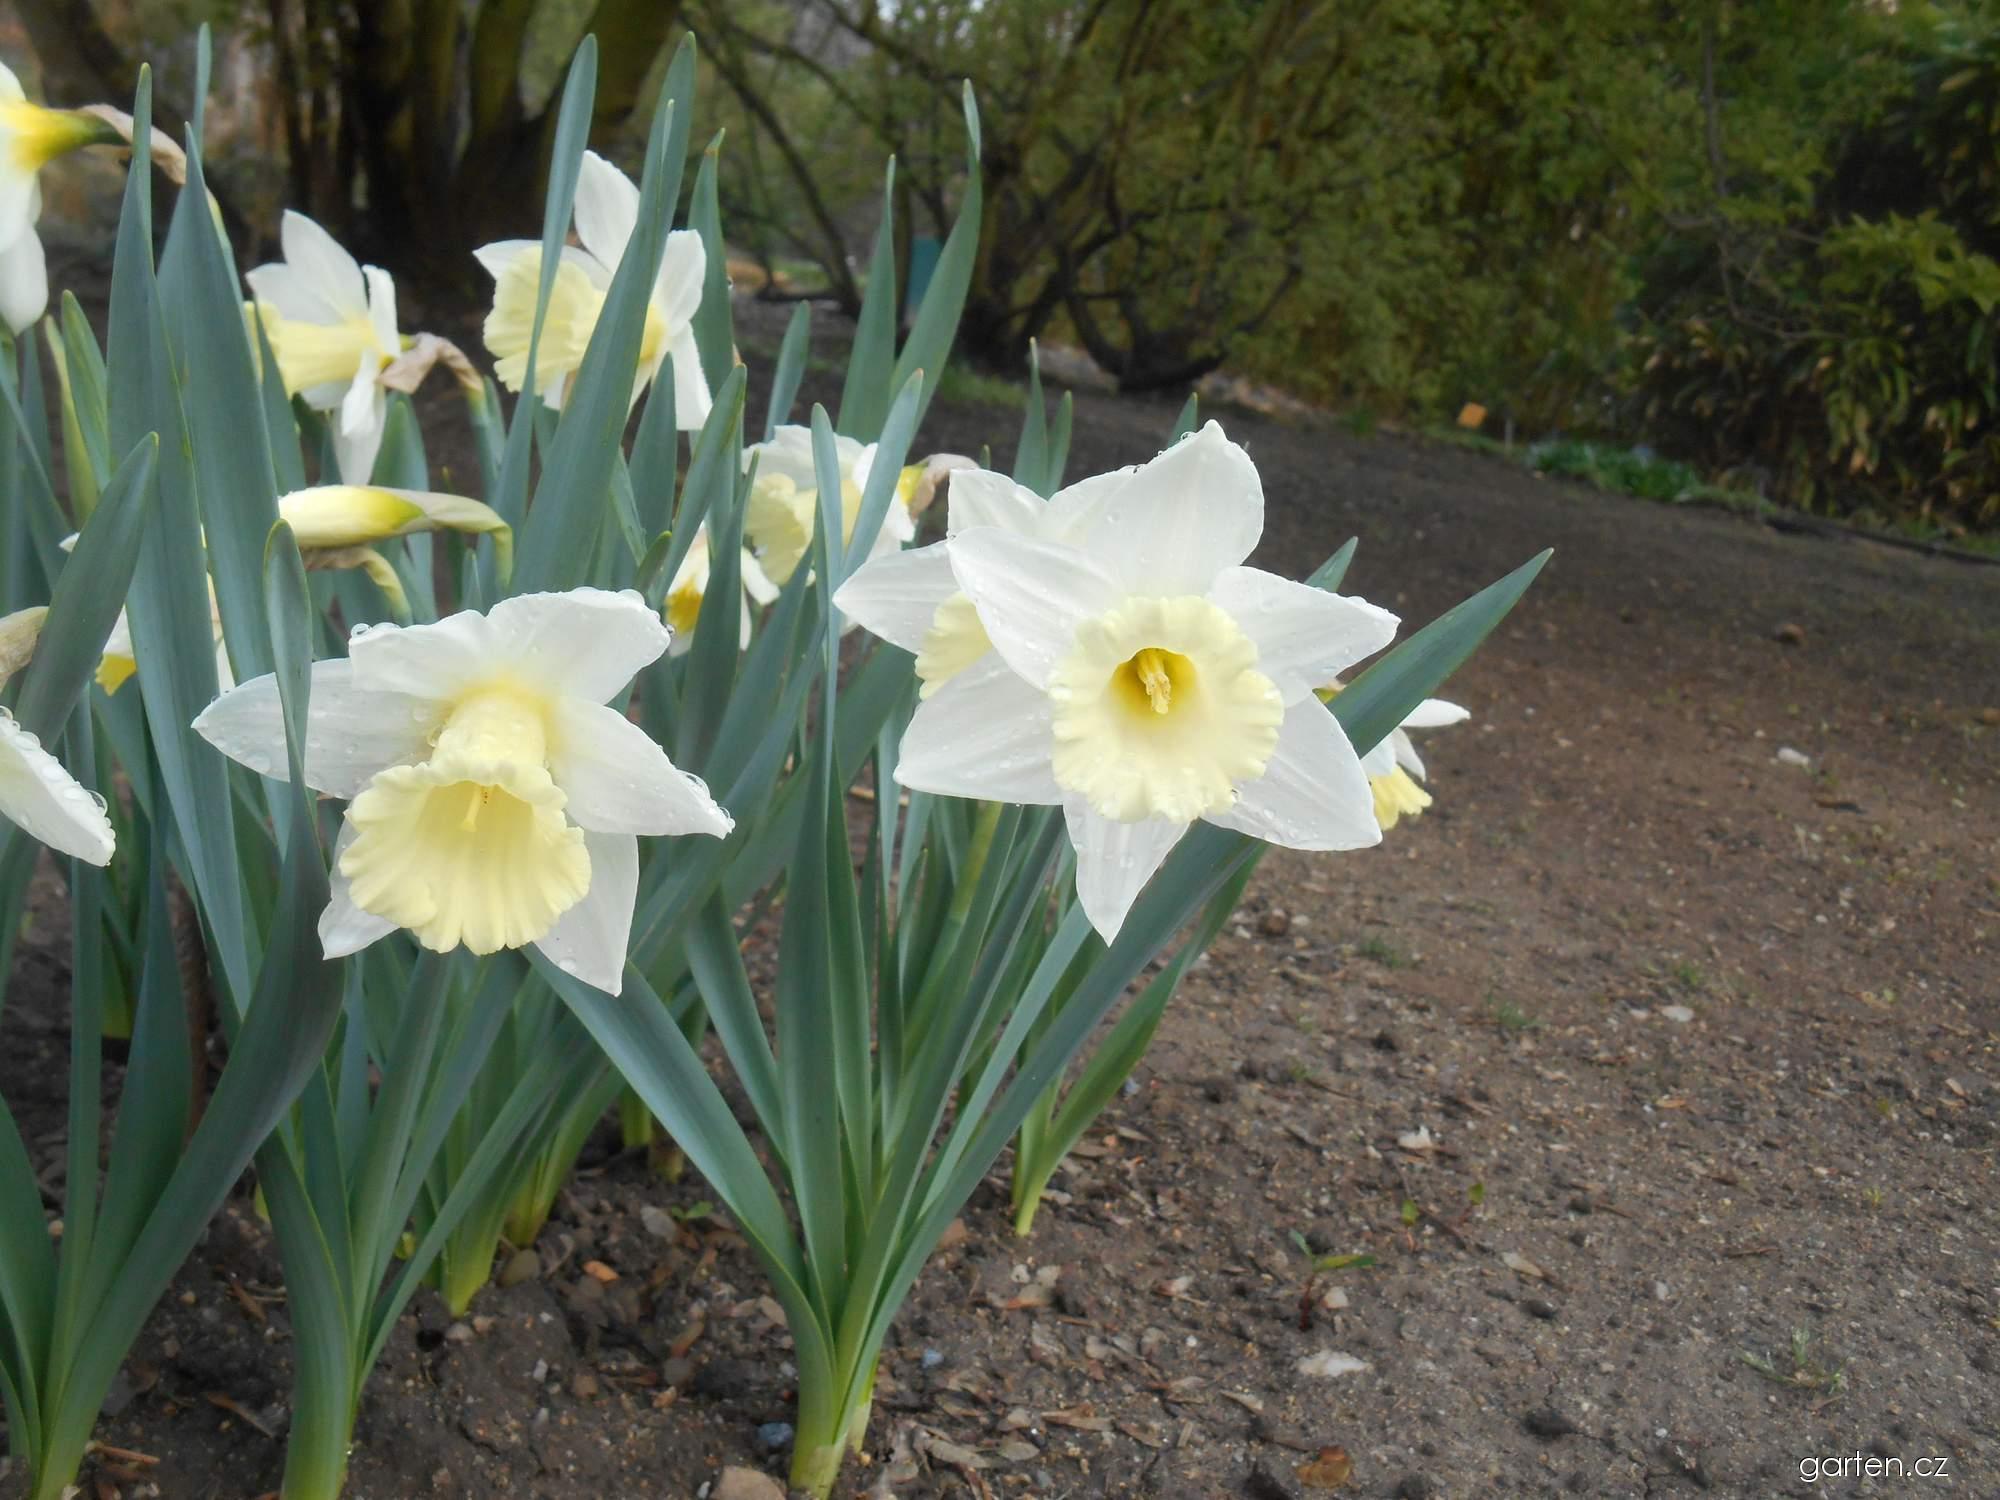 Narcis Mount Hood - Trubkovité narcisy (Narcissus x hybridus)